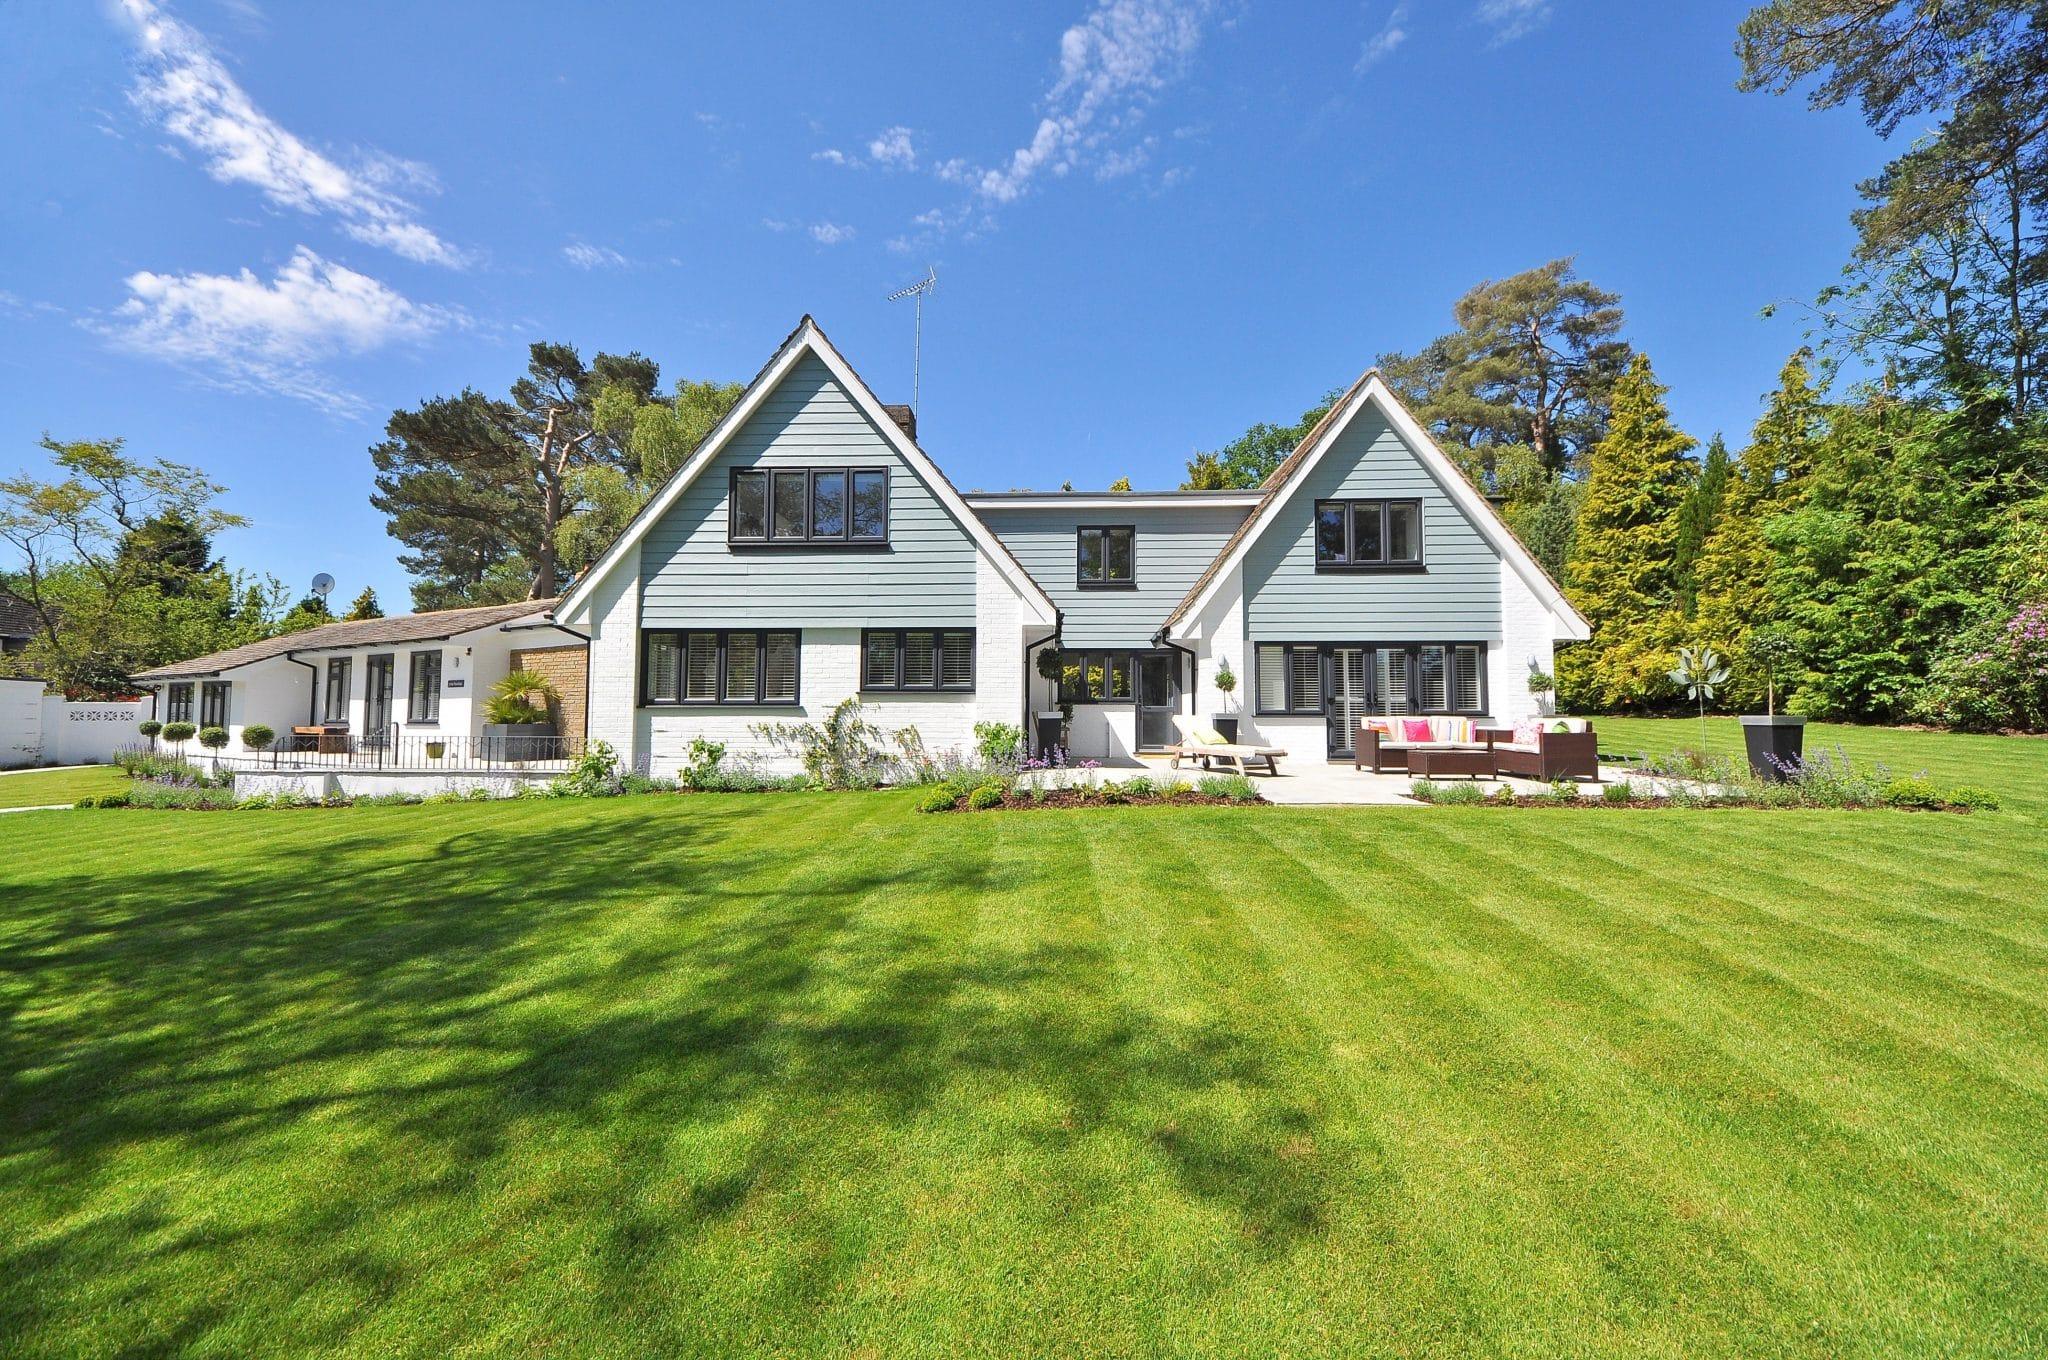 mooi huis met tuin